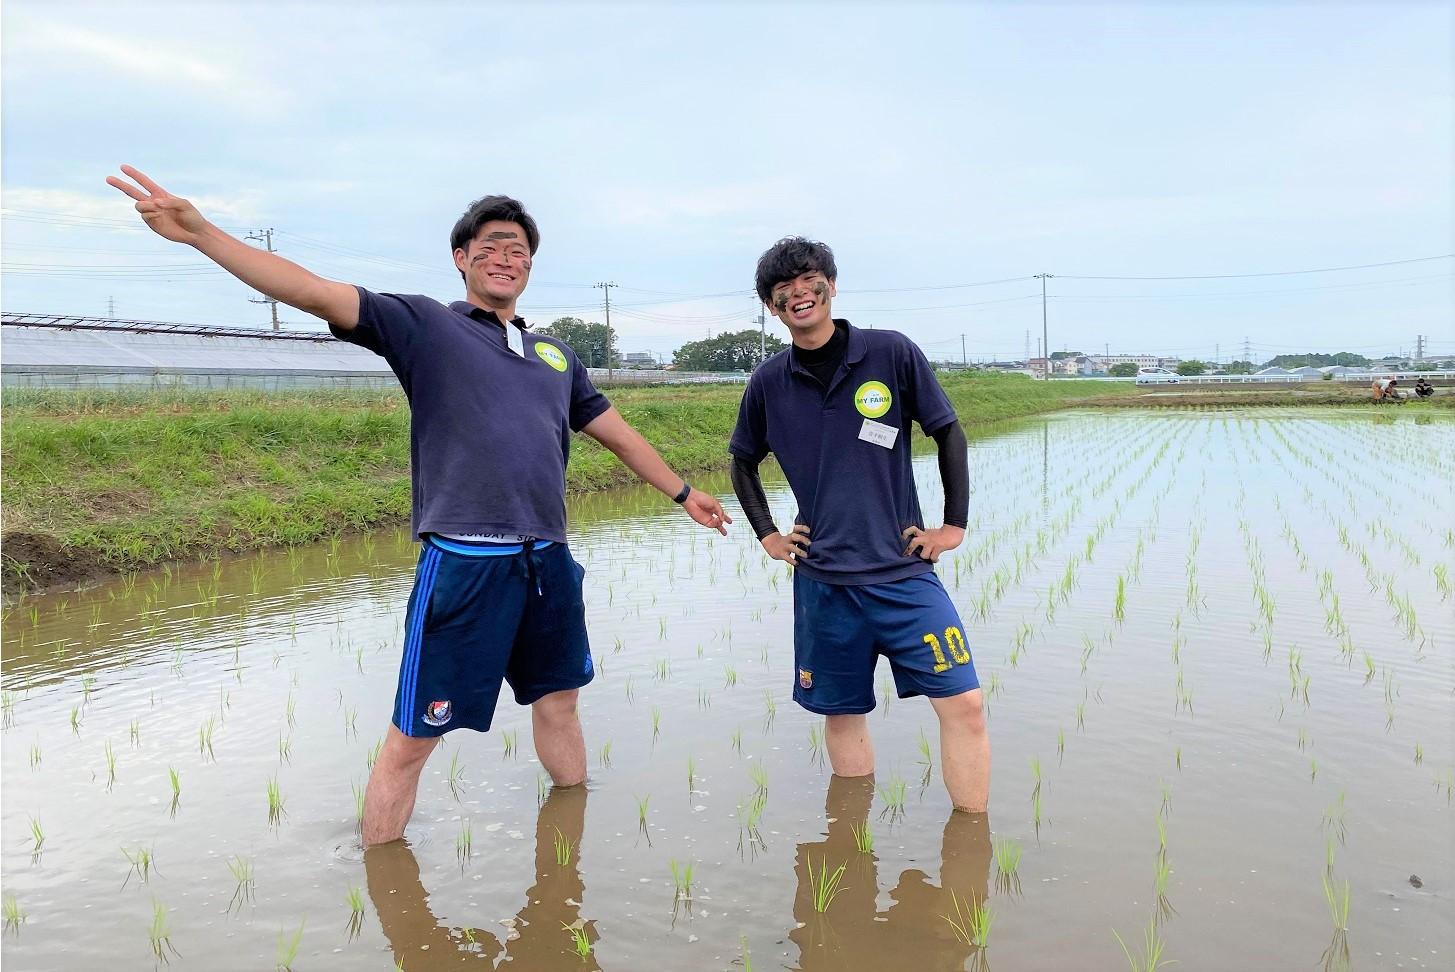 マイファームタイムス 社員インタビュー│農業男子、田んぼの中心で愛を叫ぶ。『農業サイコーー!!』